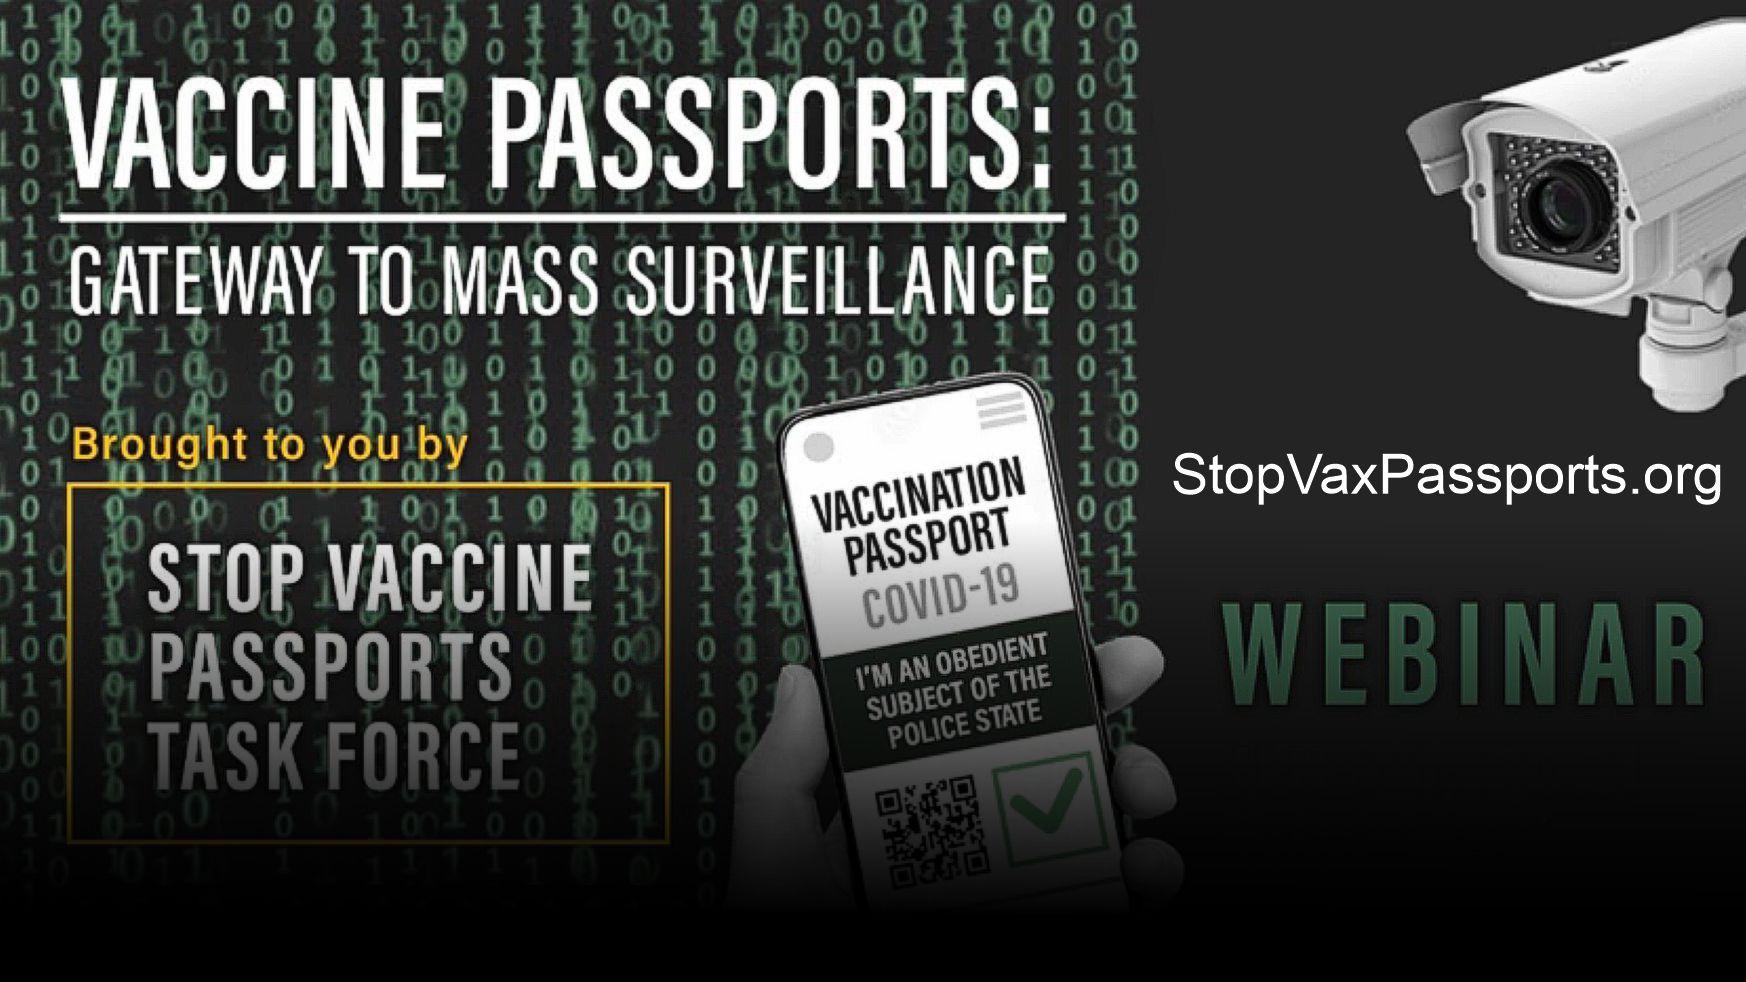 Vaccine Passports: Gateway to Mass Surveillance